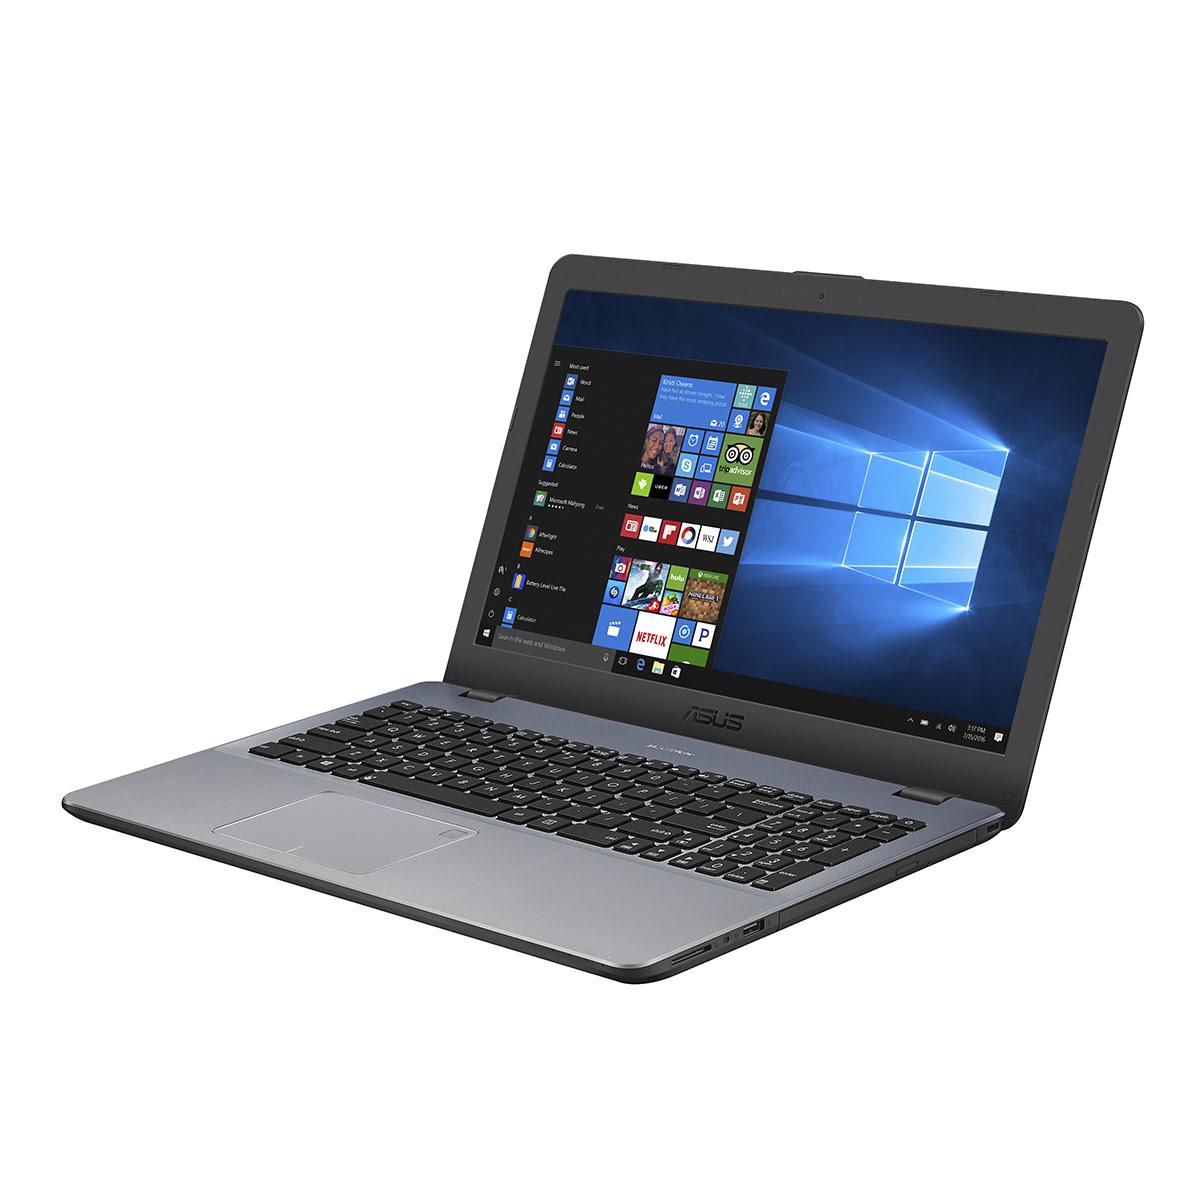 Asus 90NB0IJ2-M05960 - PC portable Asus - Cybertek.fr - 4